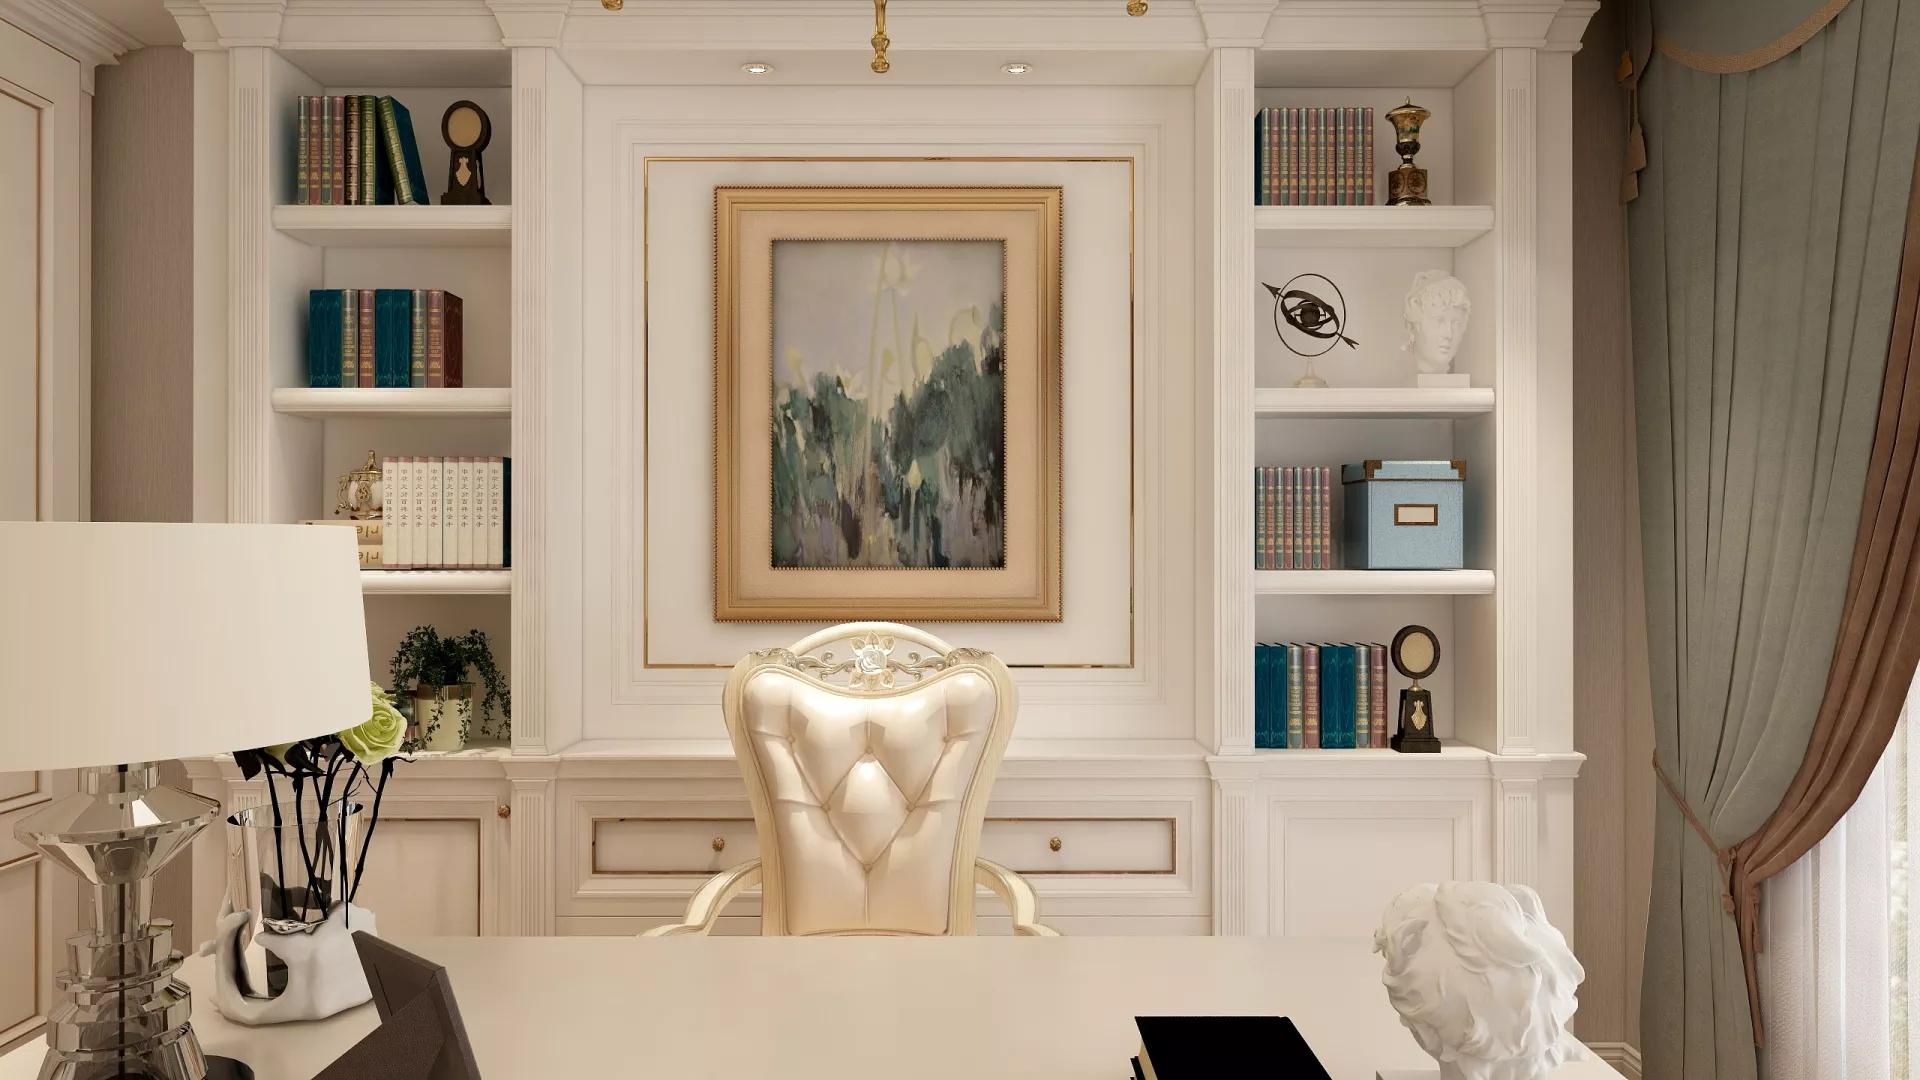 90m²两居日式文艺简约质朴的客厅装修效果图